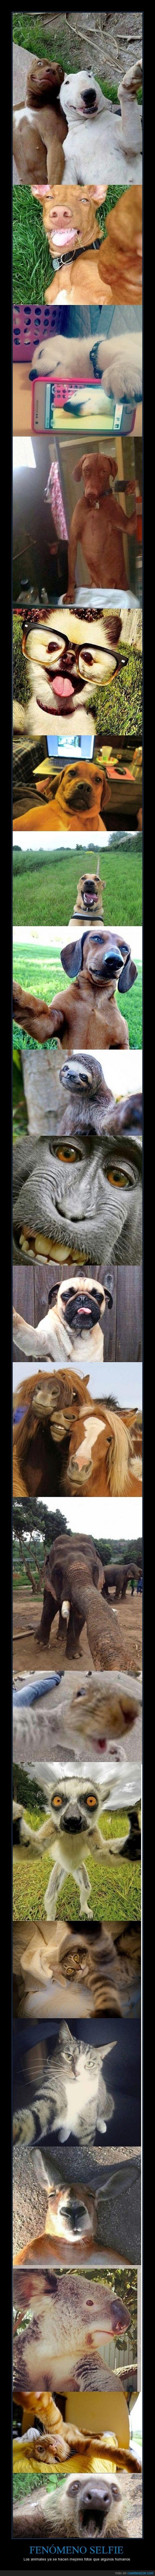 algunos tienen una pinta de drogados...,animales,ardilla,caballo,canguro,elefante,gato,humano,koala,mono,perro,perro cerdo,Selfie